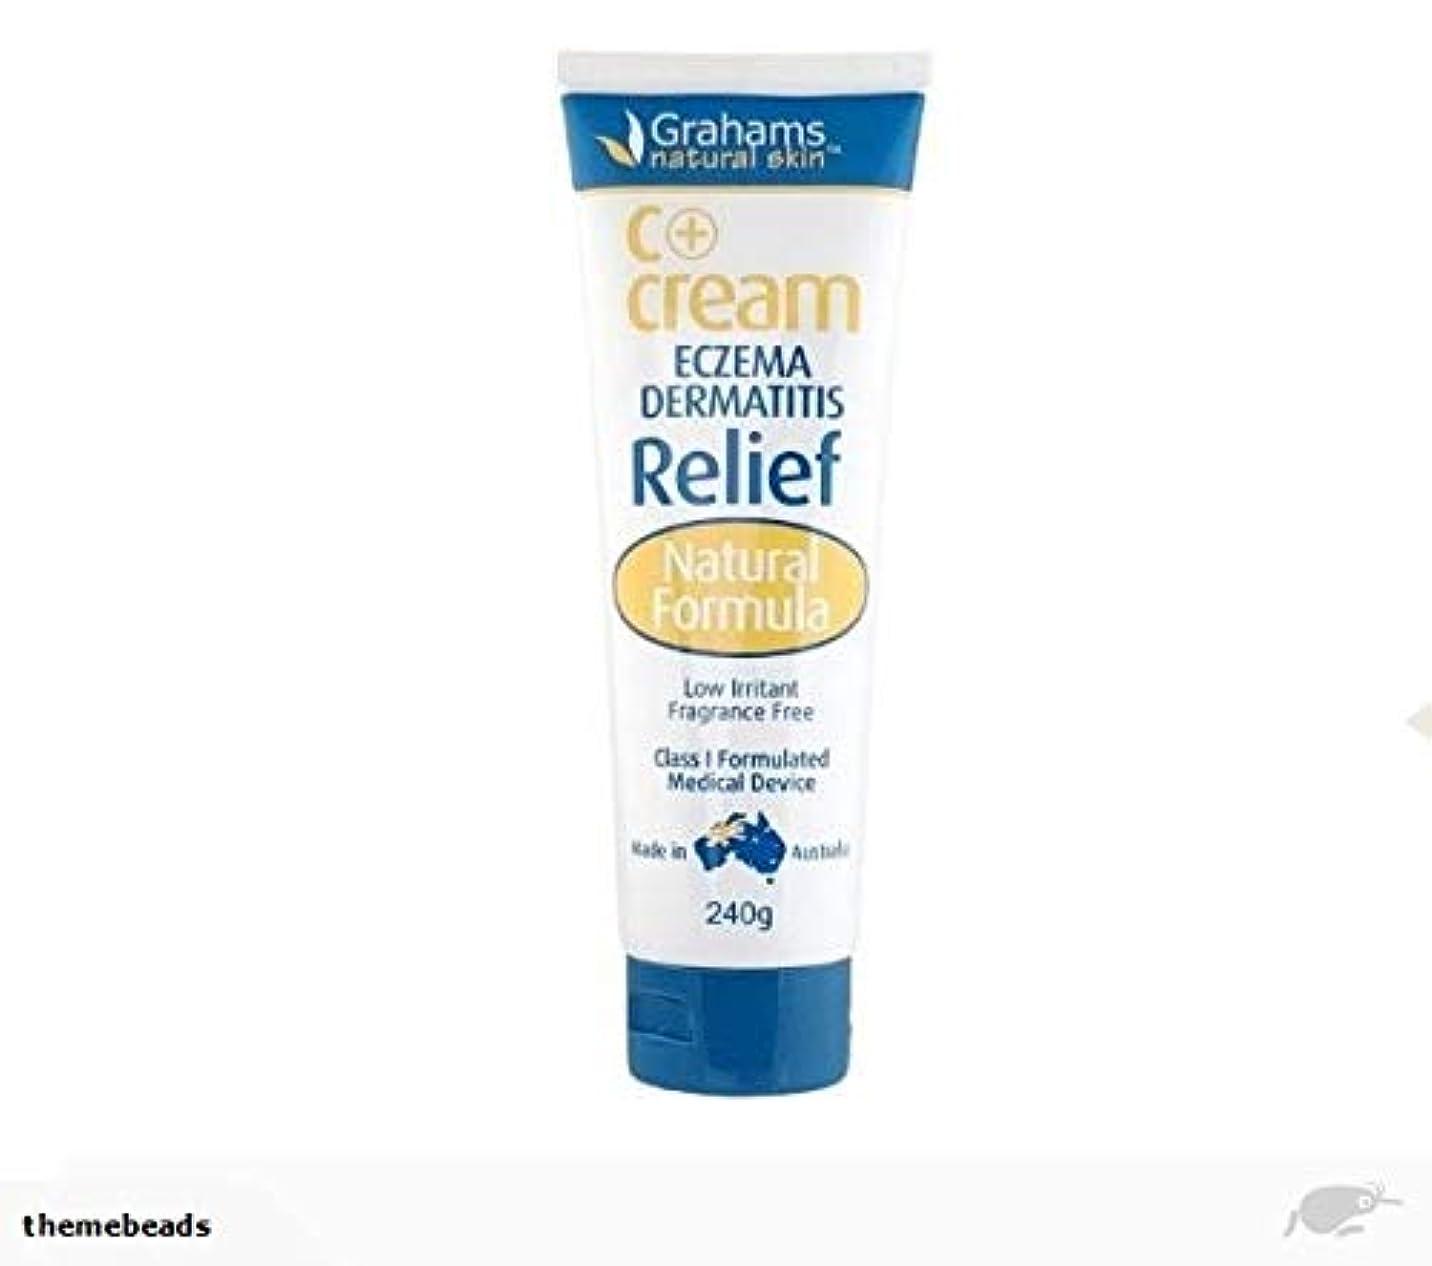 成分時制レコーダー[Grahams] 湿疹 かぶれ肌に C+クリーム 無香料 低刺激 (C+ Cream ECZEMA DERMATITIS Relif) 240g [海外直送品]